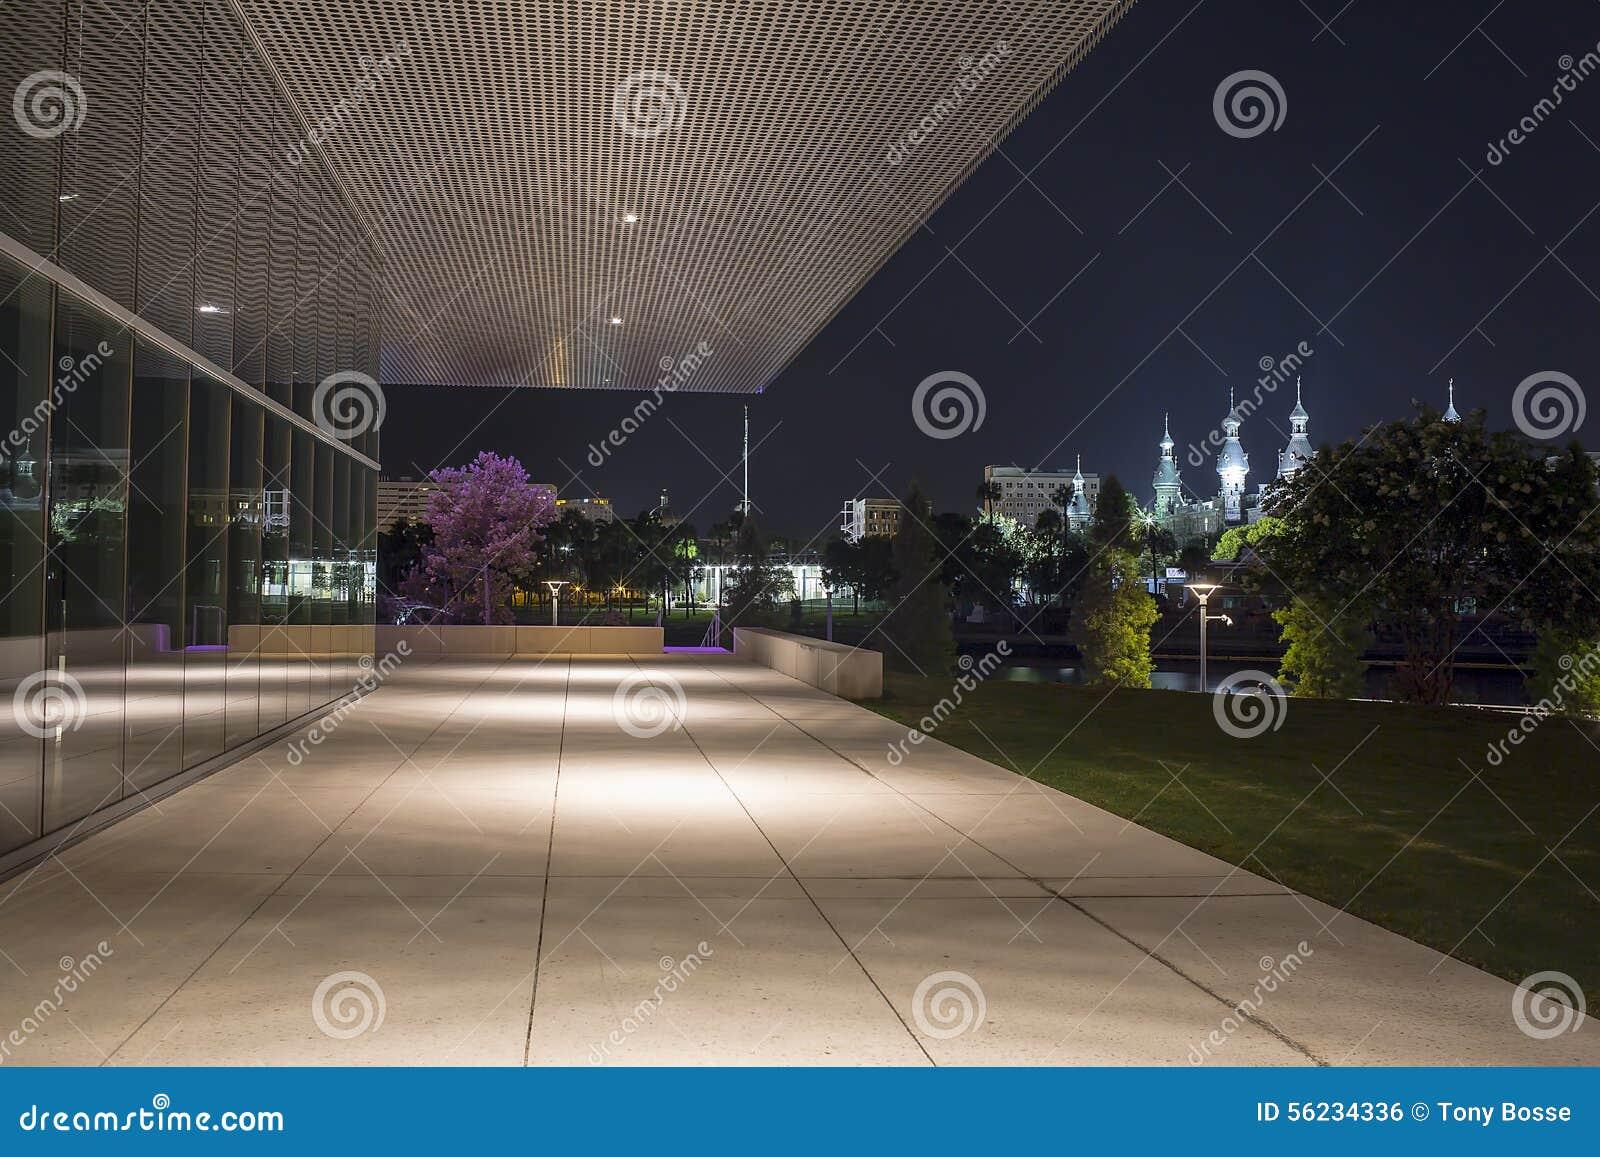 Tampa uniwersytet i Tampa muzeum sztuki